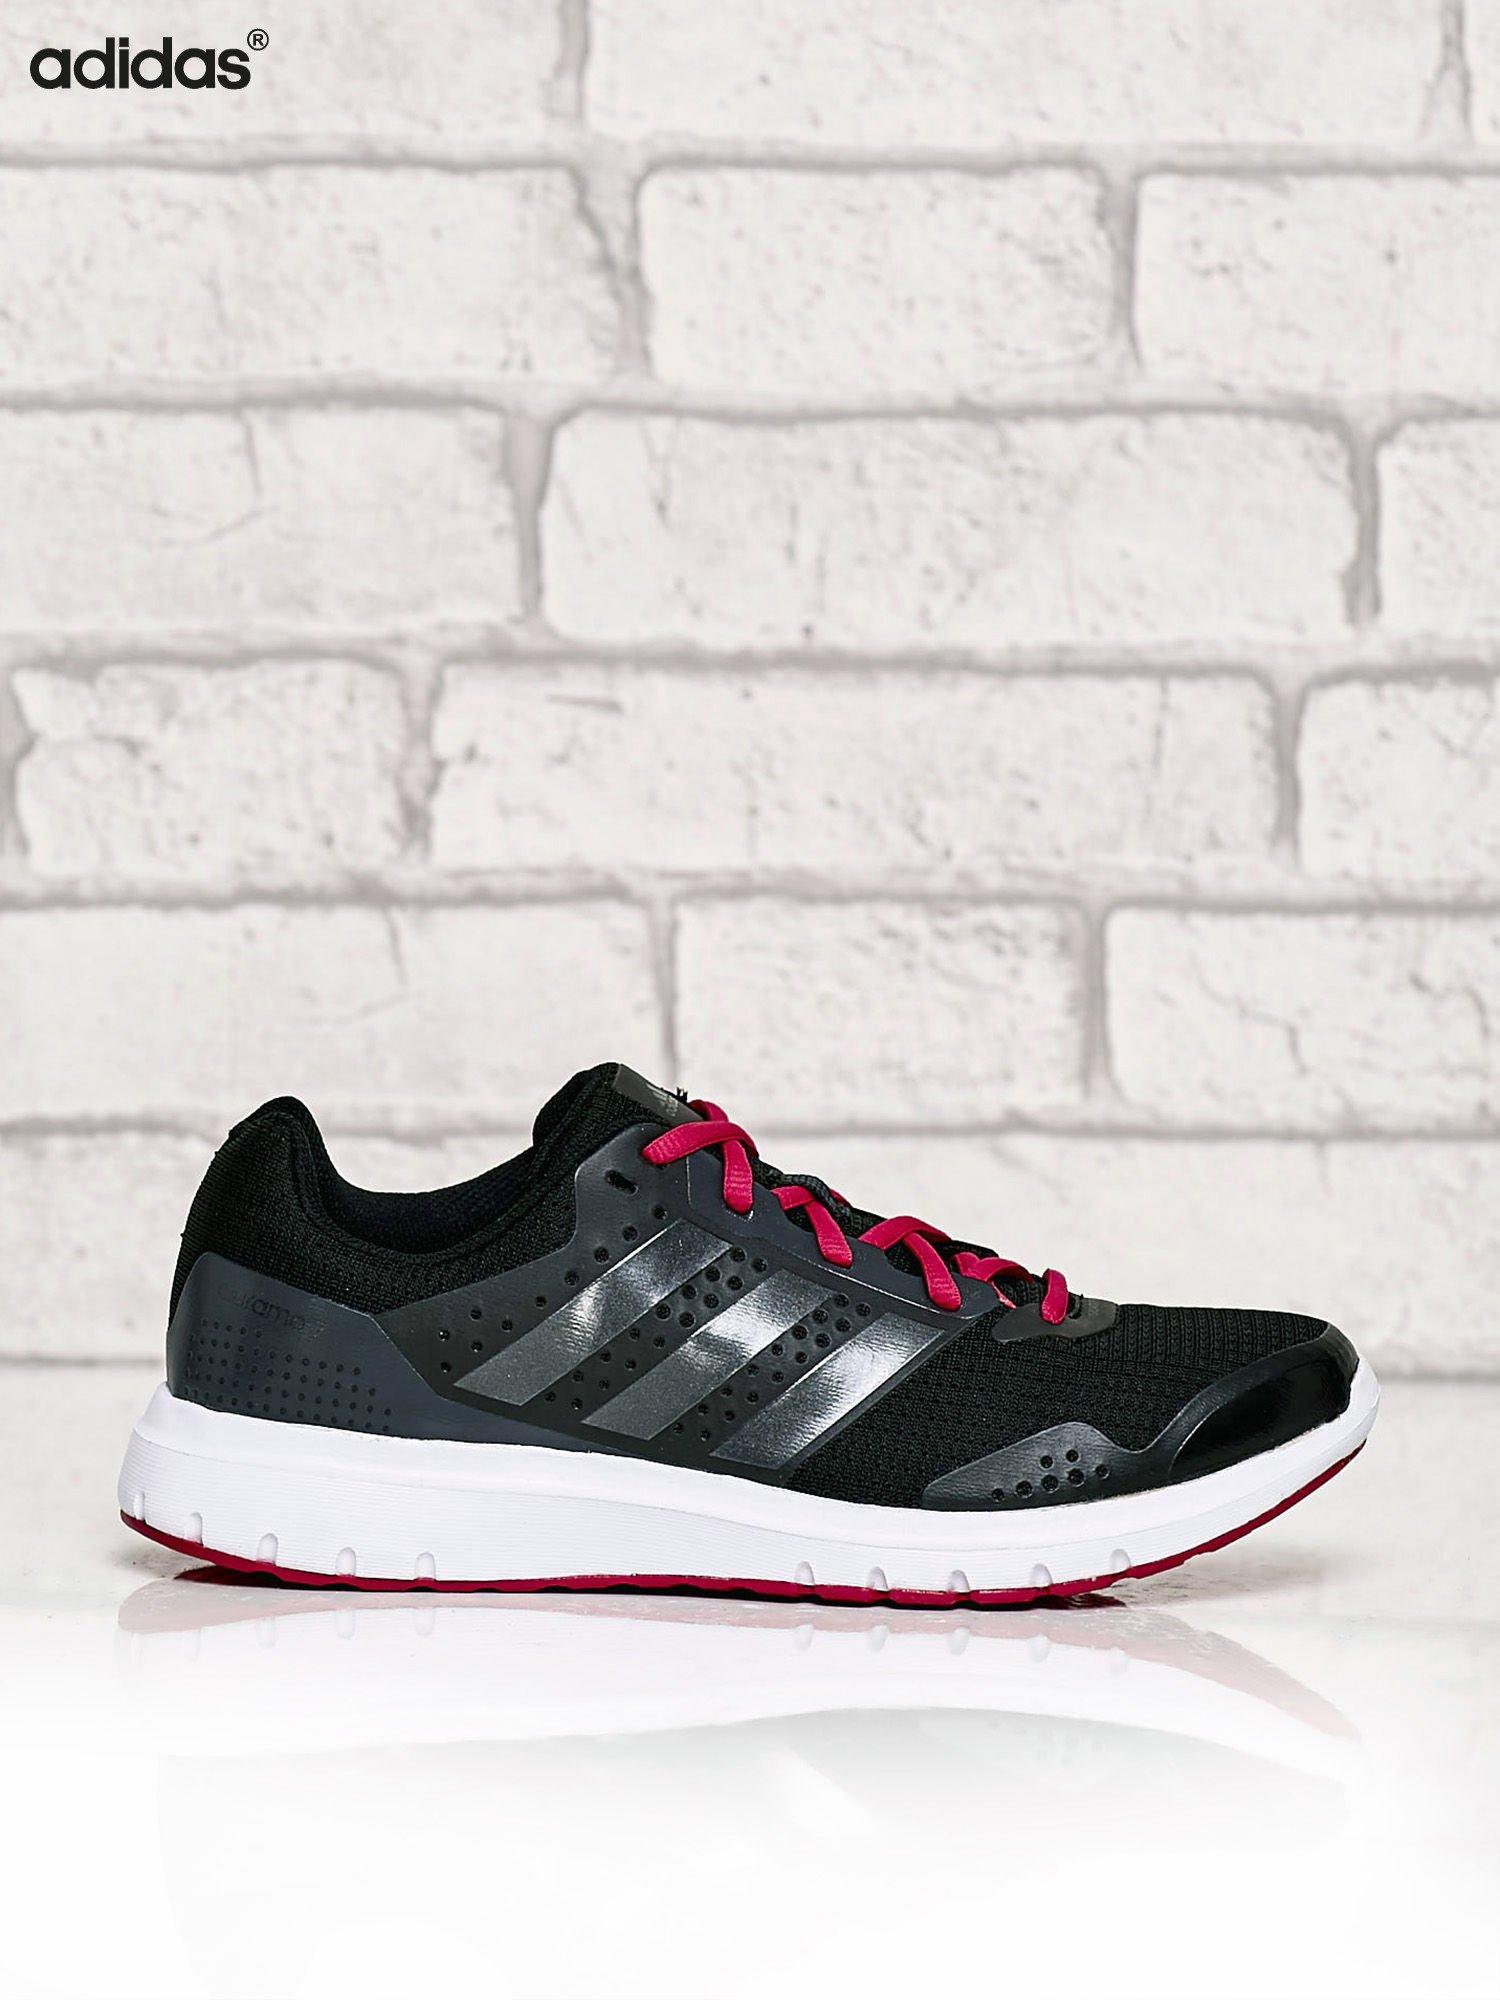 Buty Do Biegania Adidas Wyprzedaży,Adidas Duramo 7 Damskie